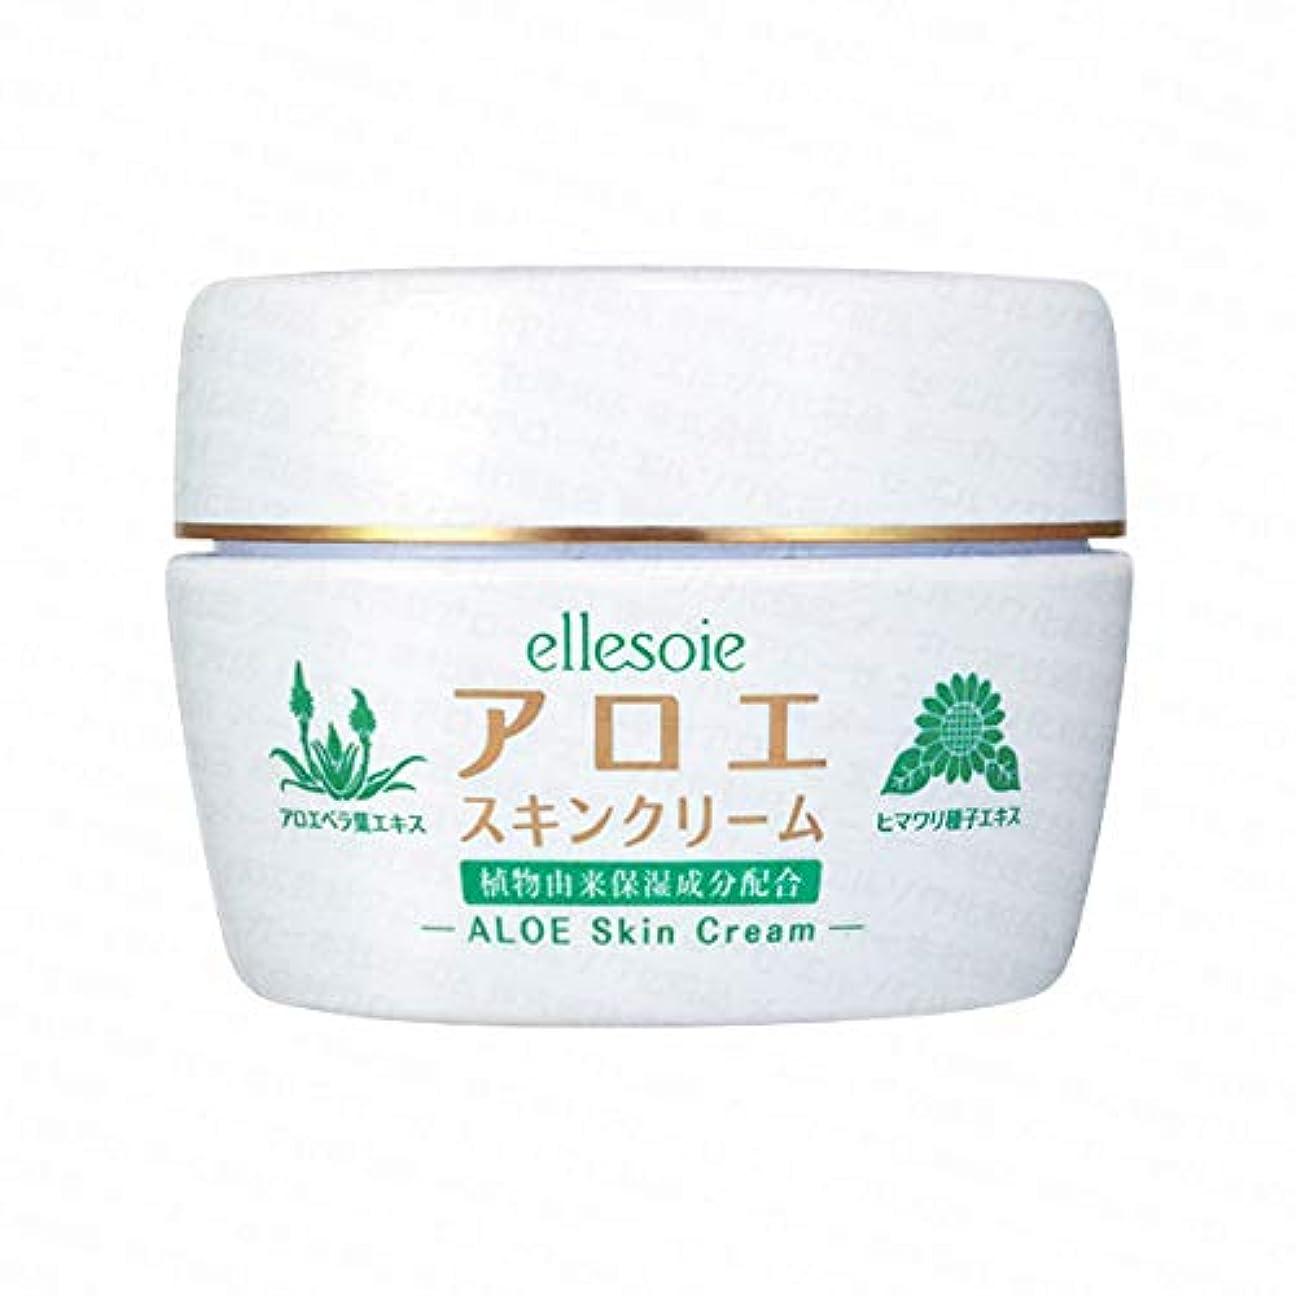 ピンクジャベスウィルソン偏心エルソワ化粧品(ellesoie) アロエスキンクリーム 本体210g ボディ用保湿クリーム